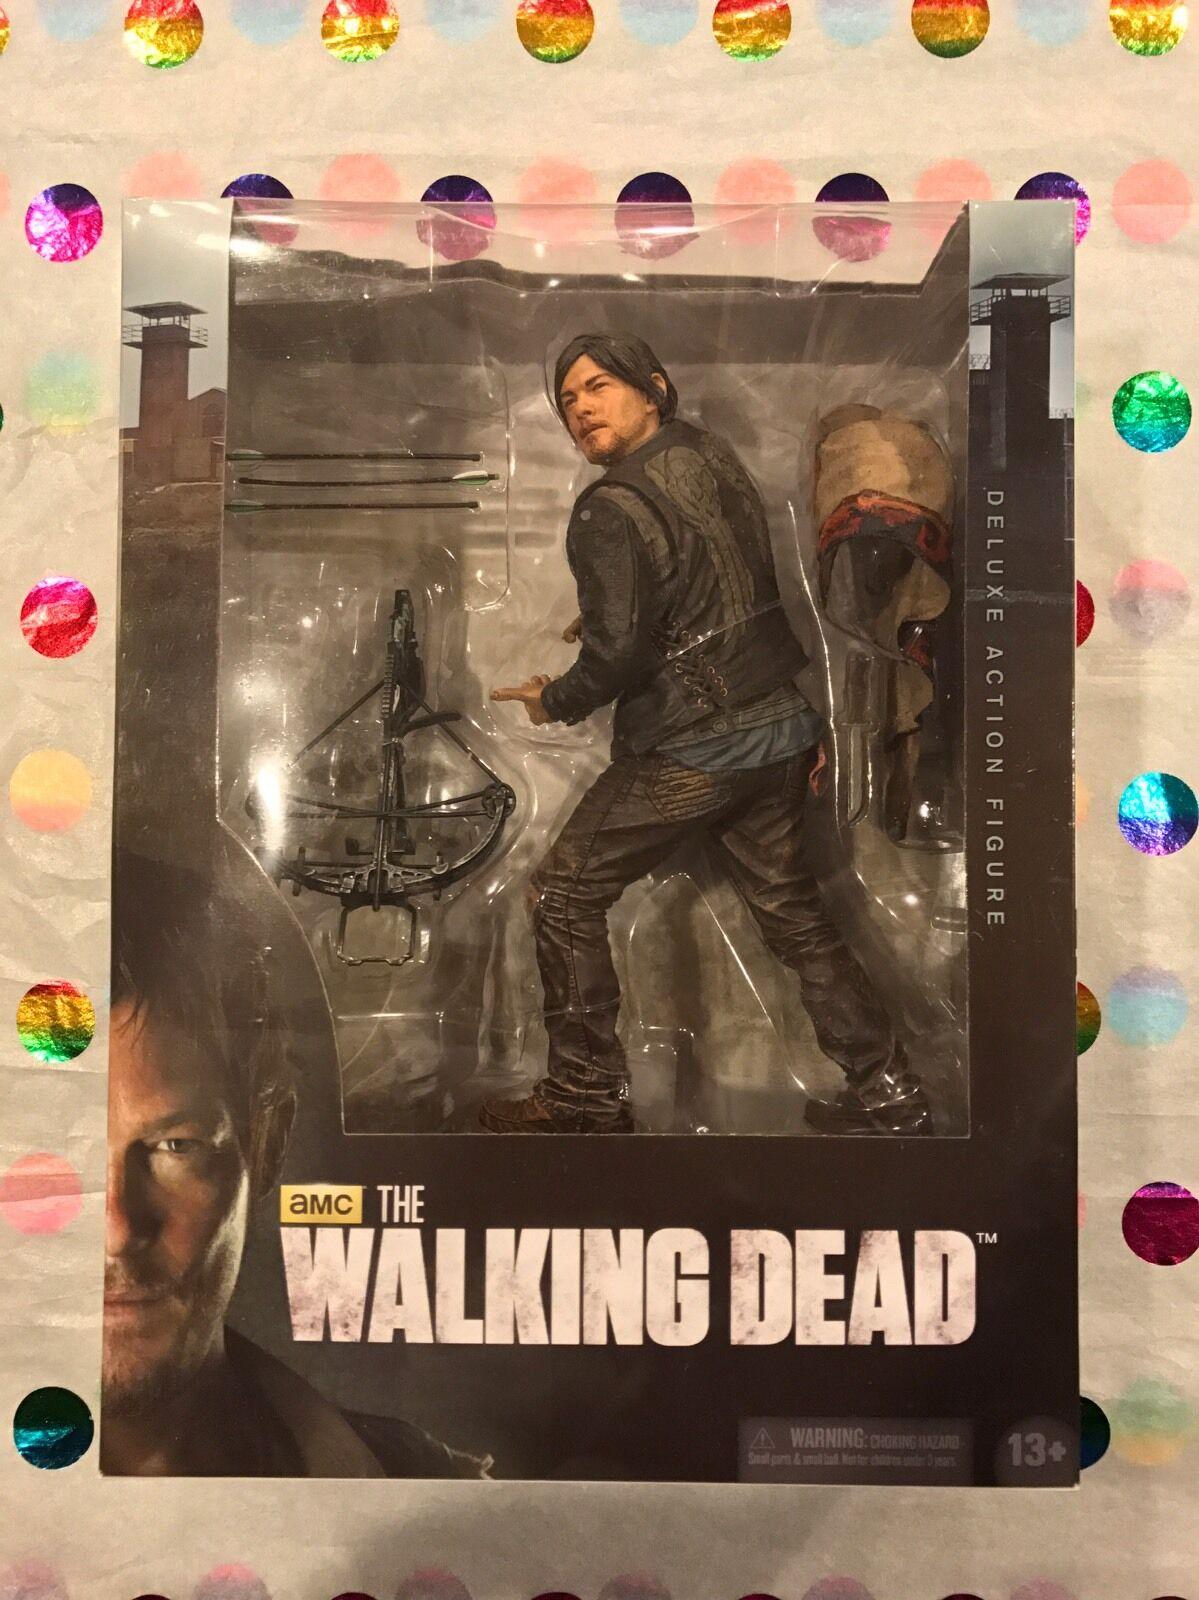 Mcfarlane walking dead deluxe 10 zentimeter daryl dixon actionfigur amc - zombies